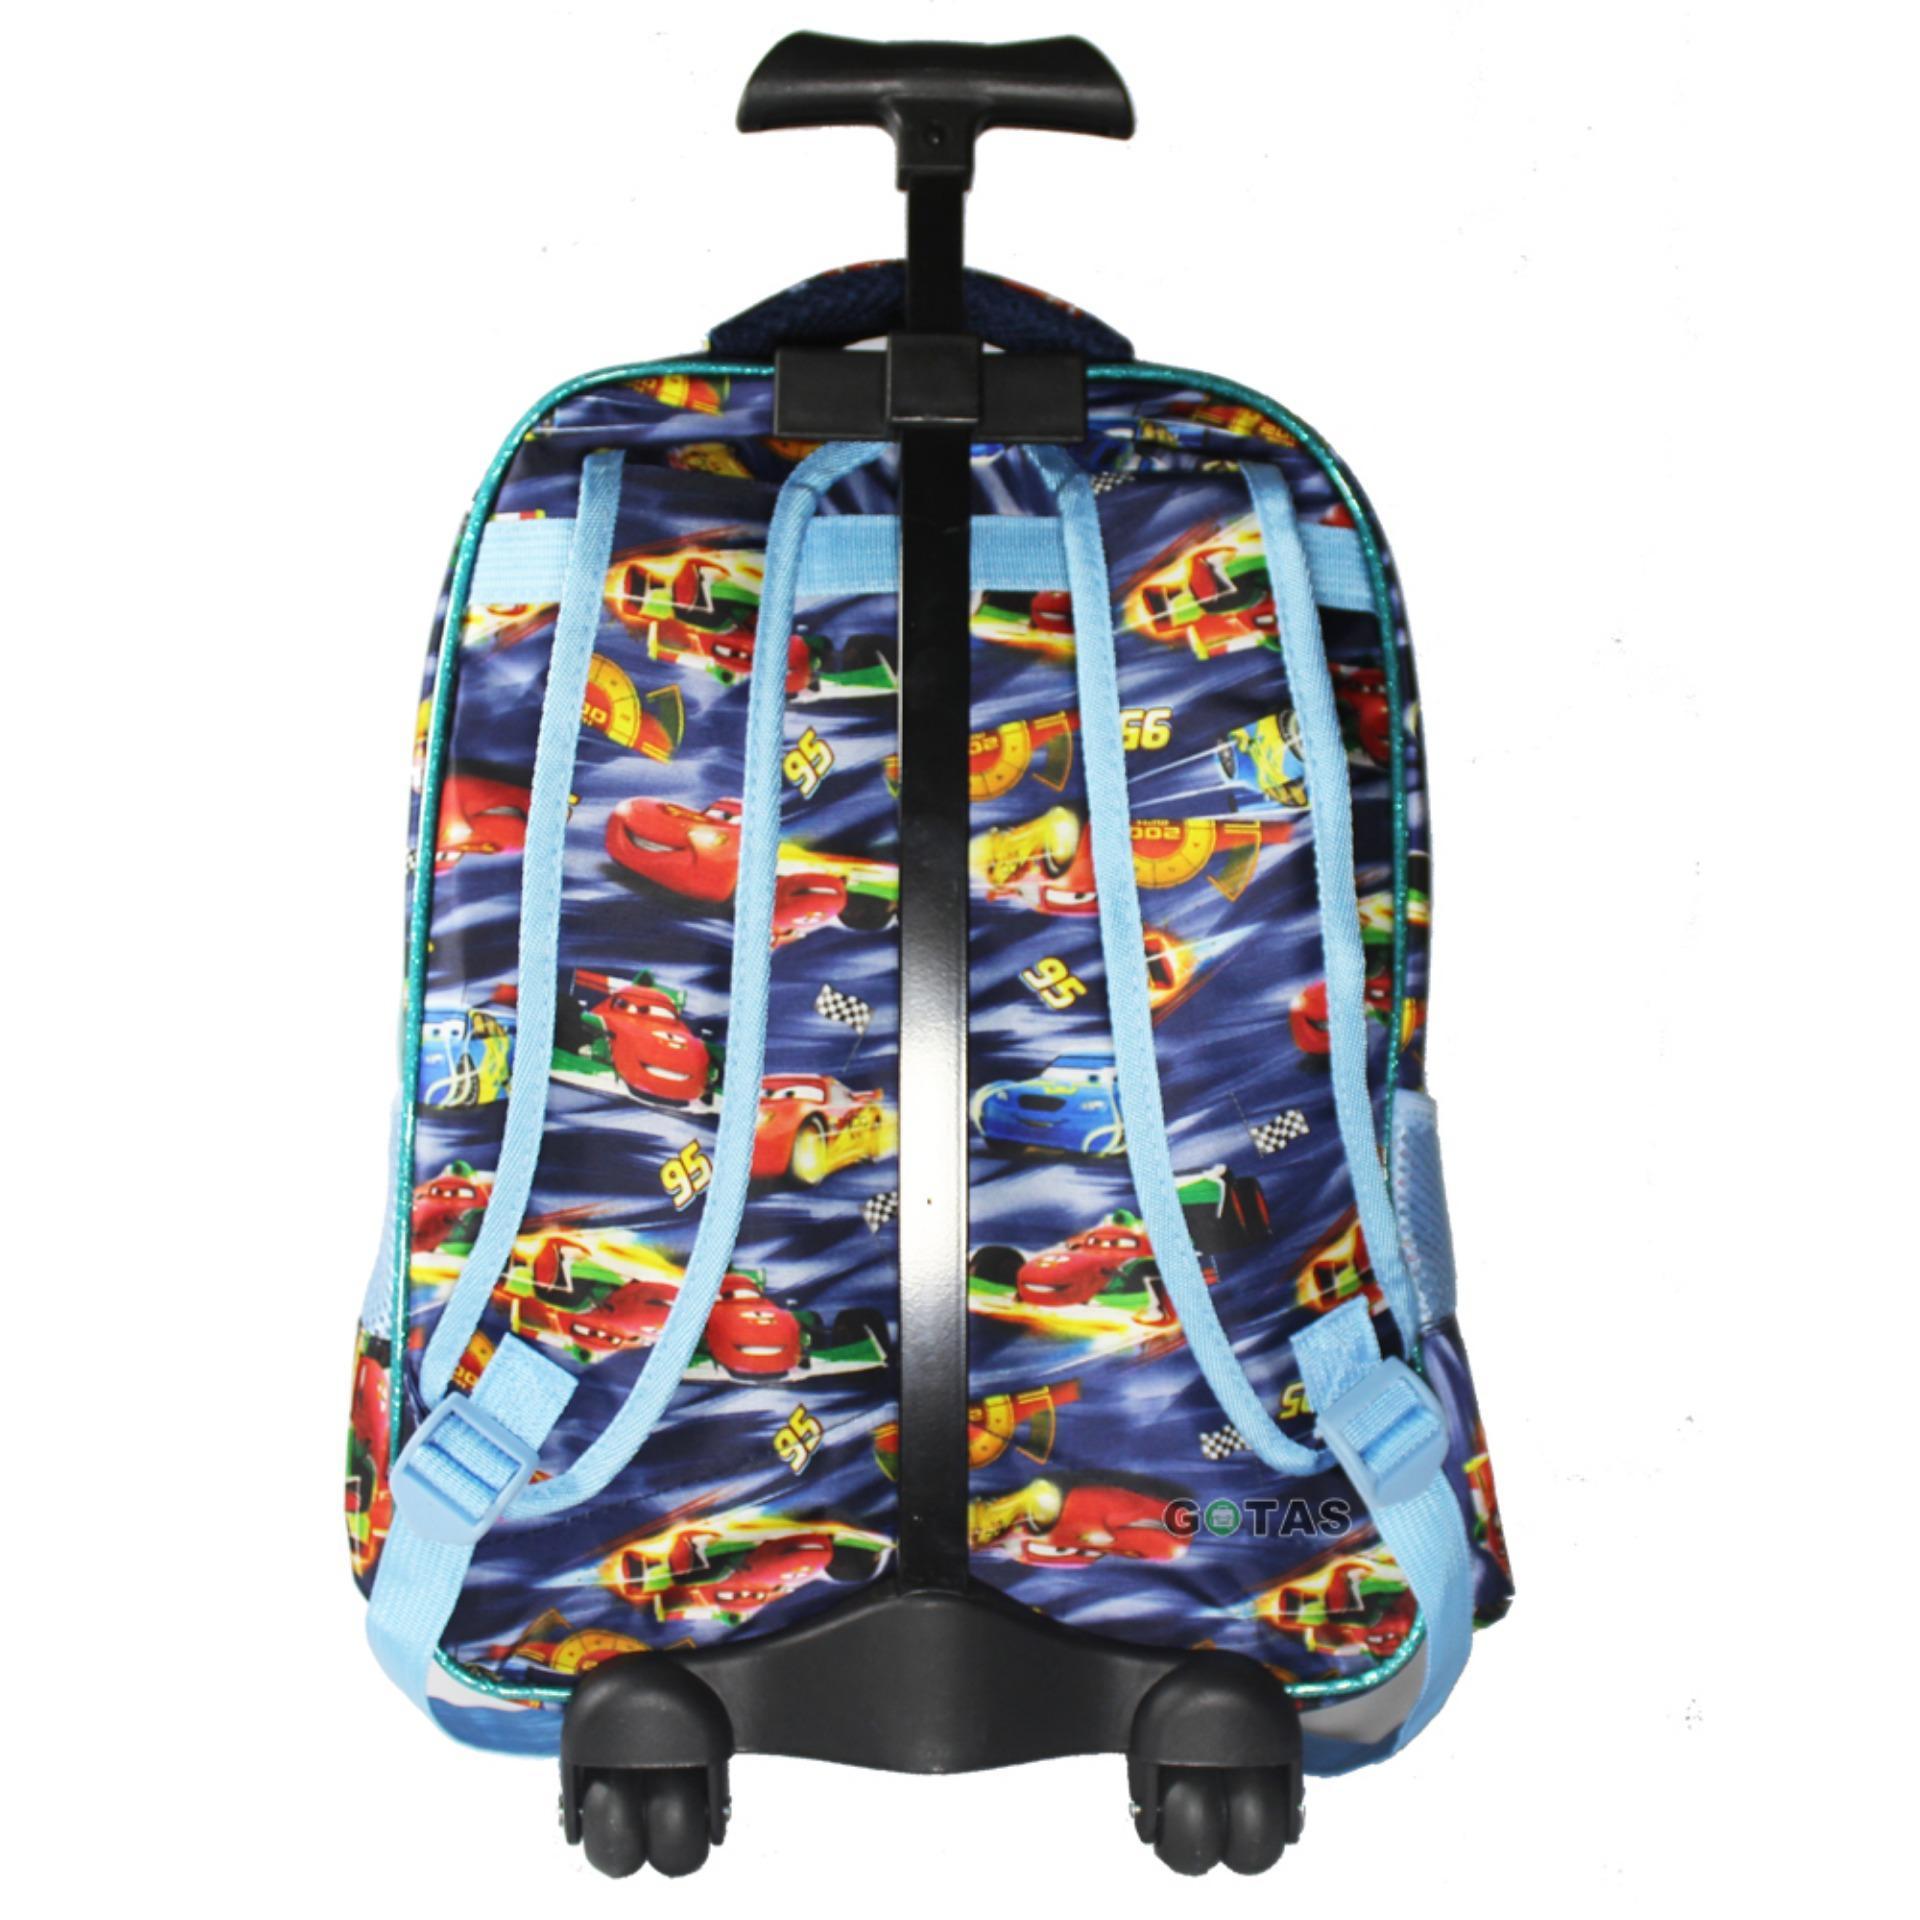 Tas Trolley Anak Sekolah Cars 7 Dimensi 3 Kantong Troli Lampu Music 4